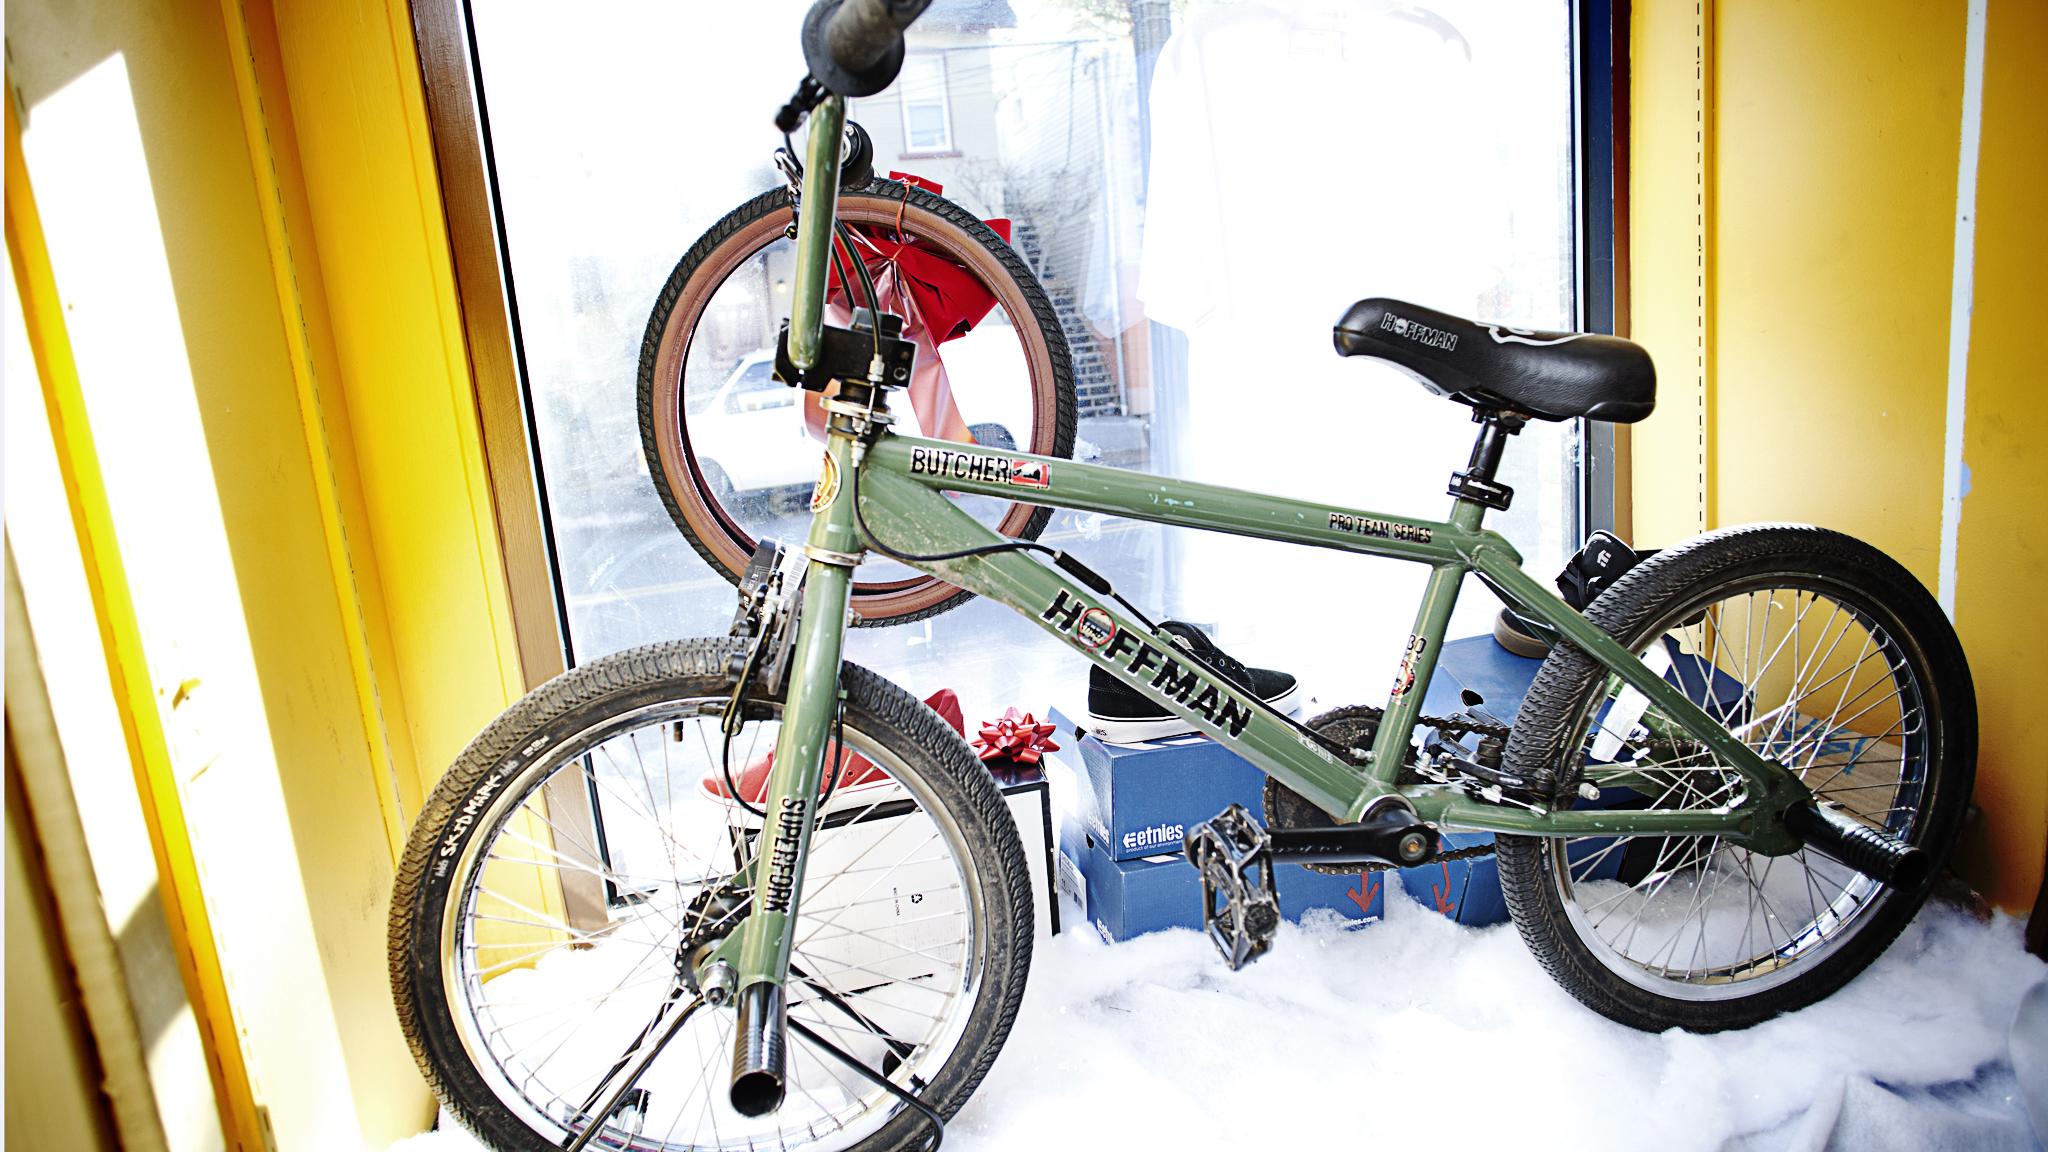 BMX memorabilia